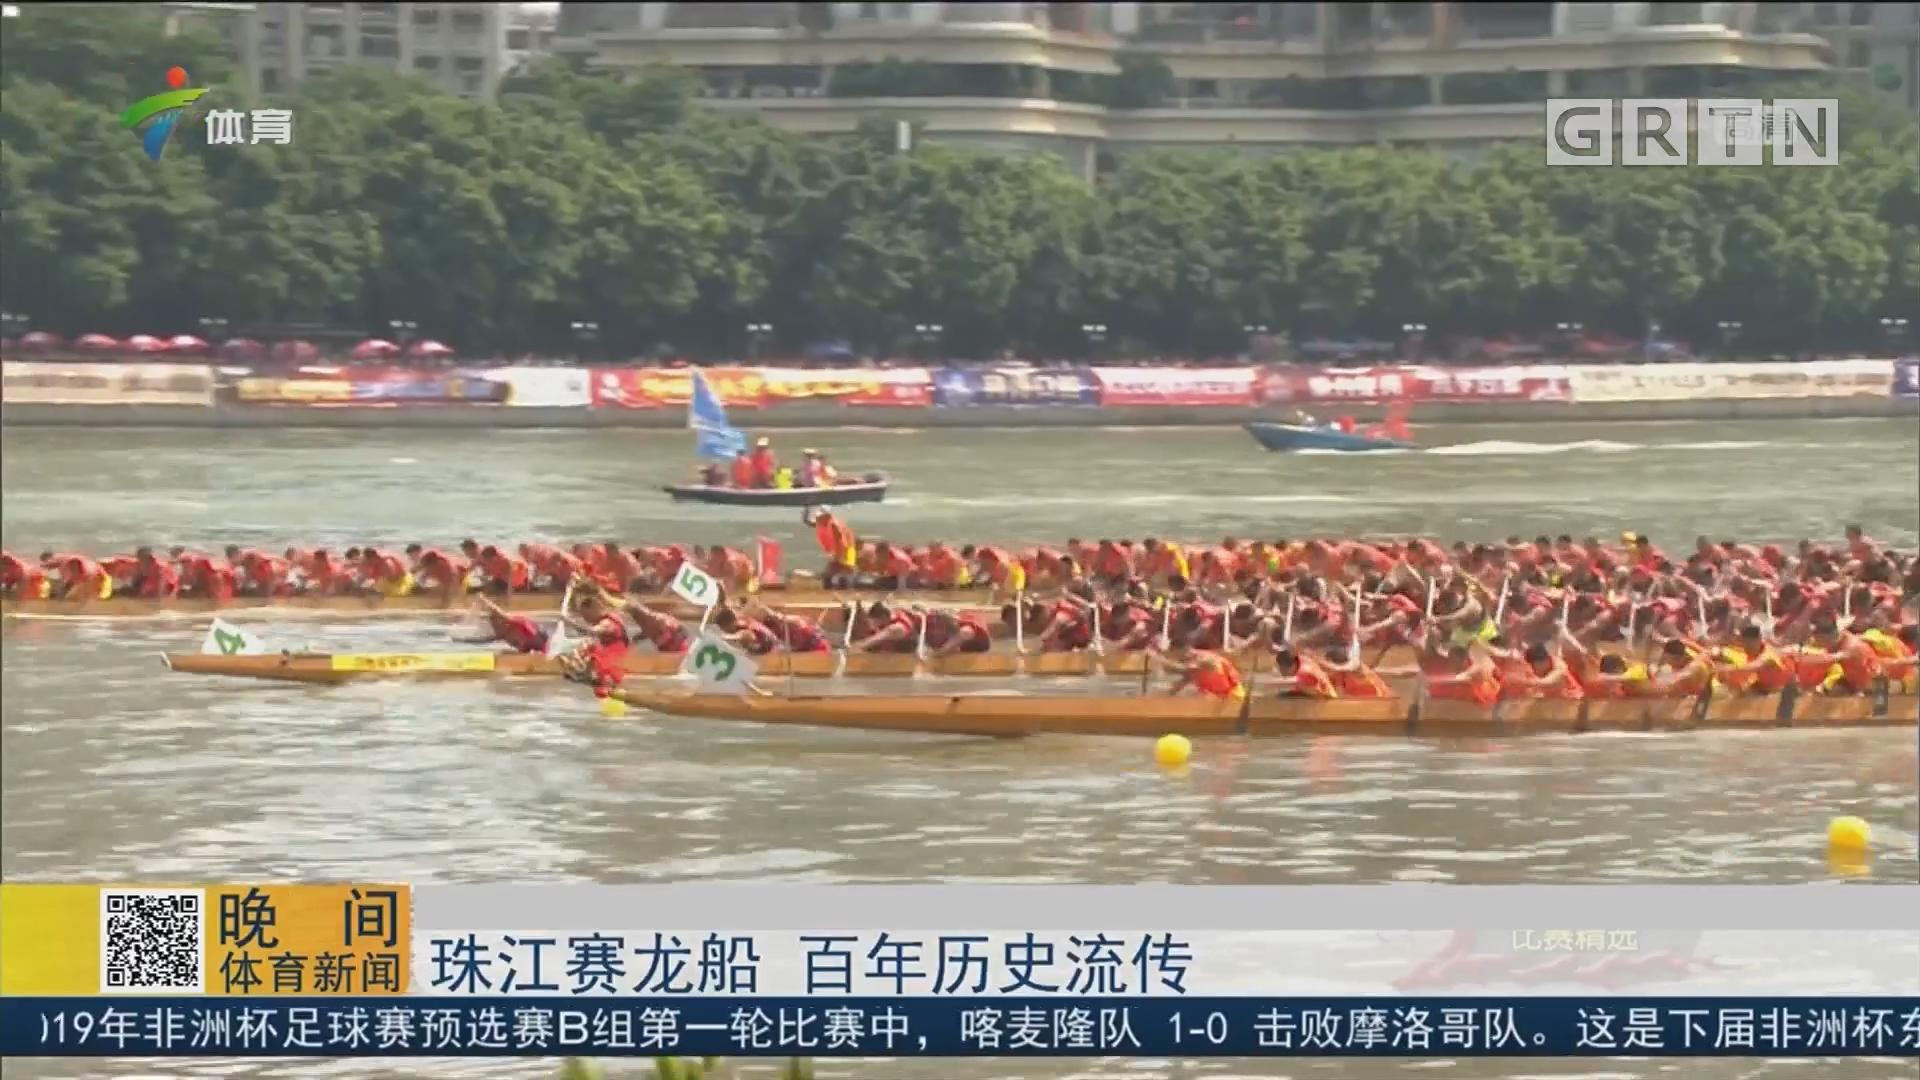 珠江赛龙船 百年历史流传